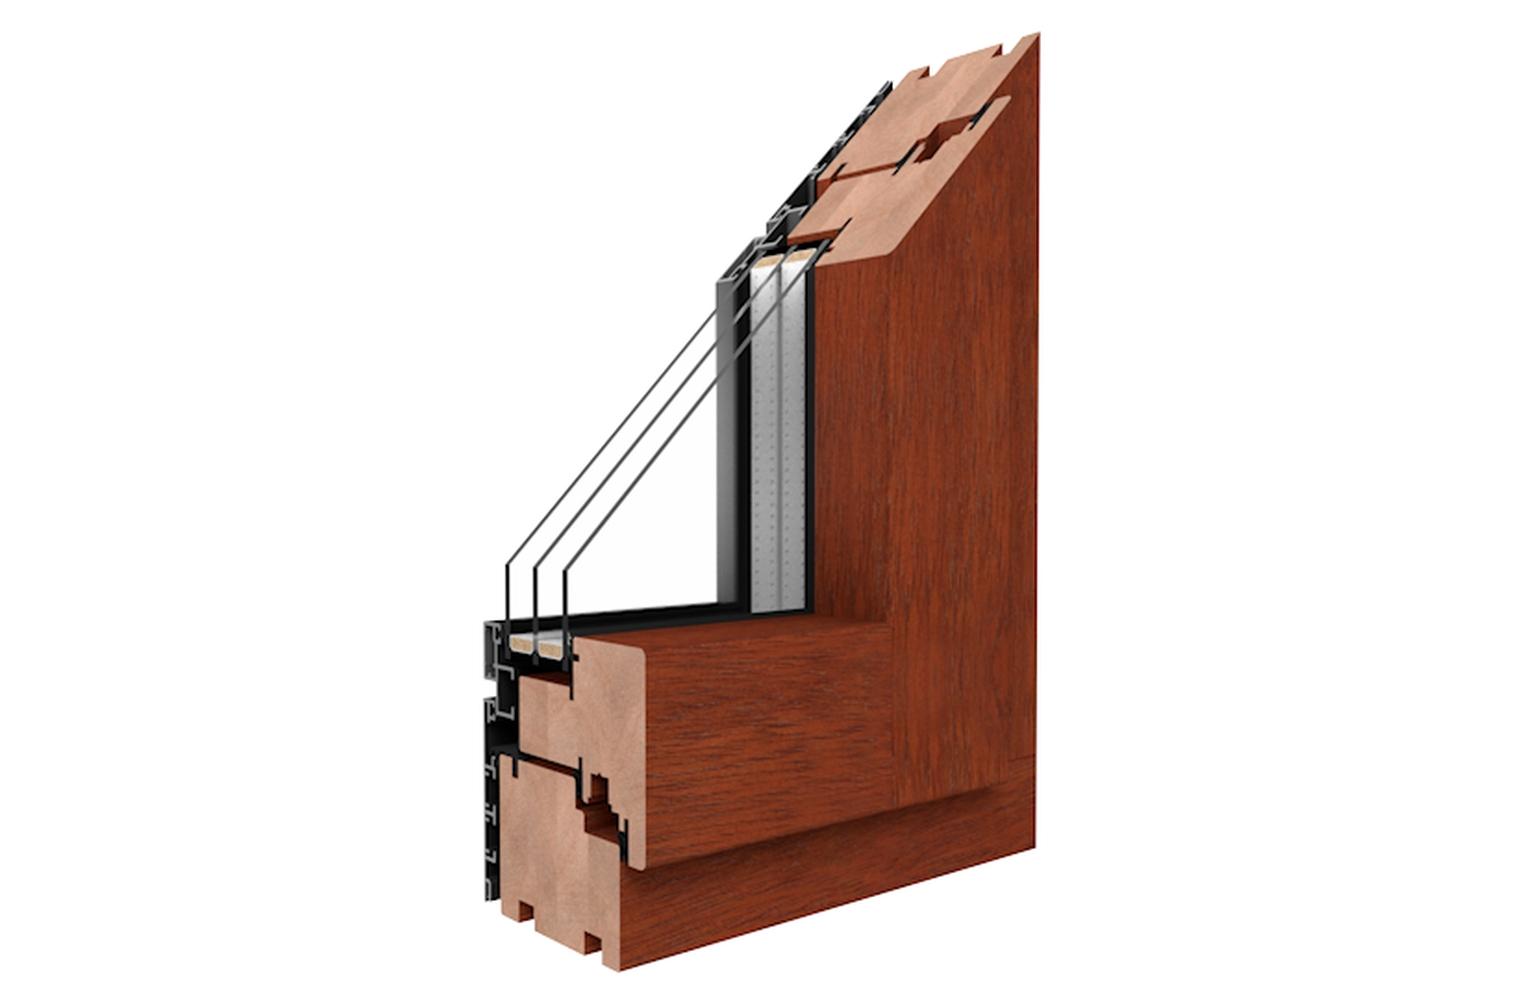 Full Size of Alu Fenster Holz Vor Und Nachteile Jetzt Vergleichen Bauhaus Weru Preise Schüco Kaufen Aluminium Velux Einbruchsicherung Mit Eingebauten Rolladen Fenster Alu Fenster